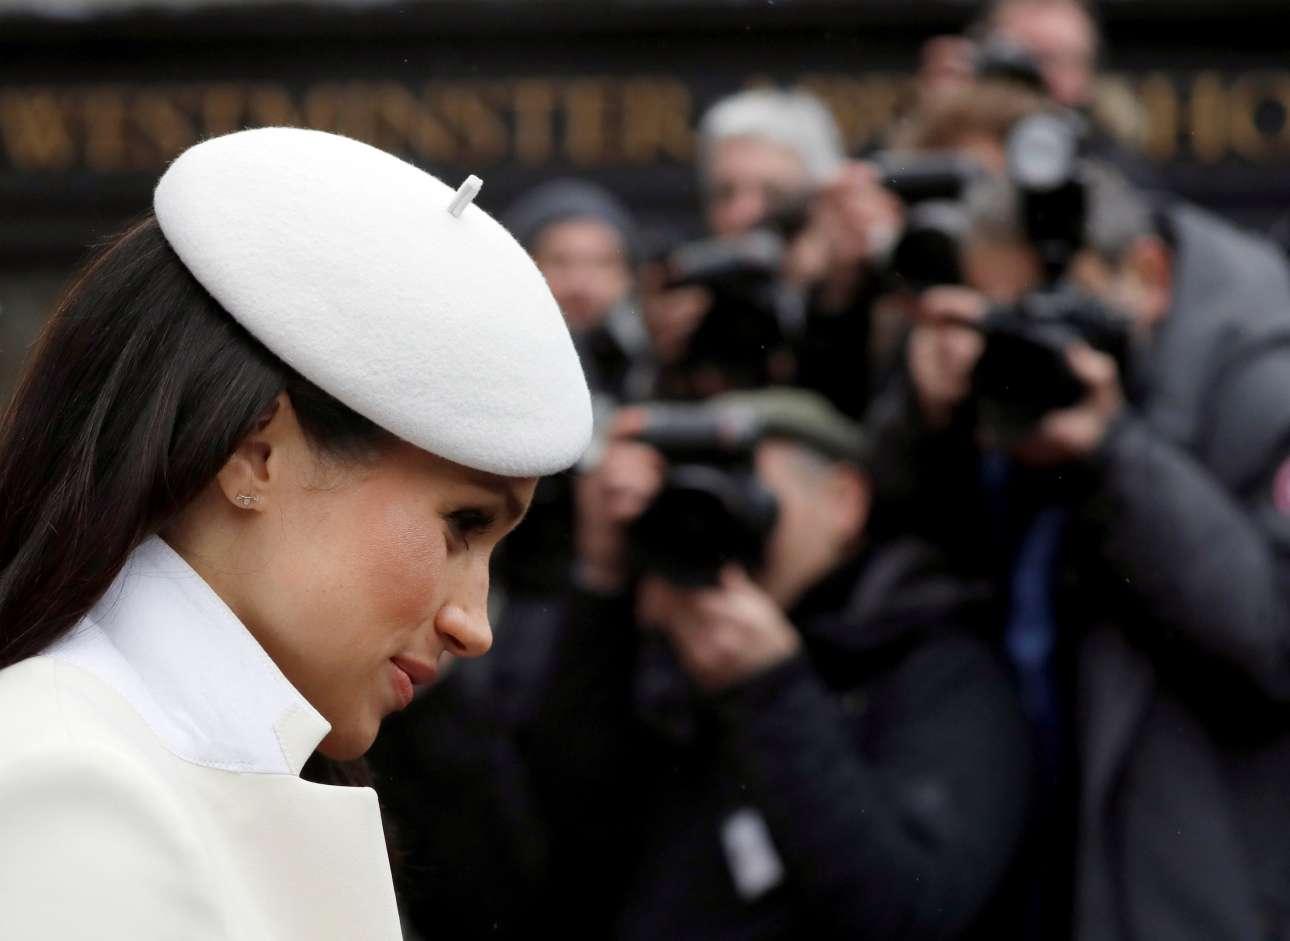 Δευτέρα, 12 Μαρτίου, Βρετανία. Δημοσιογράφοι απαθανατίζουν την γοητευτική Μέγκαν Μαρκλ καθώς αποχωρεί από θρησκευτική τελετή στο Αβαείο του Ουέστμινστερ, στο Λονδίνο. Η αρραβωνιαστικία του πρίγκιπα Χάρι παρεβρέθη για πρώτη φορά στην επιμνημόσυνη τελετή για την Ημέρα της Κοινοπολιτείας παρουσία της βασίλισσας Ελισάβετ